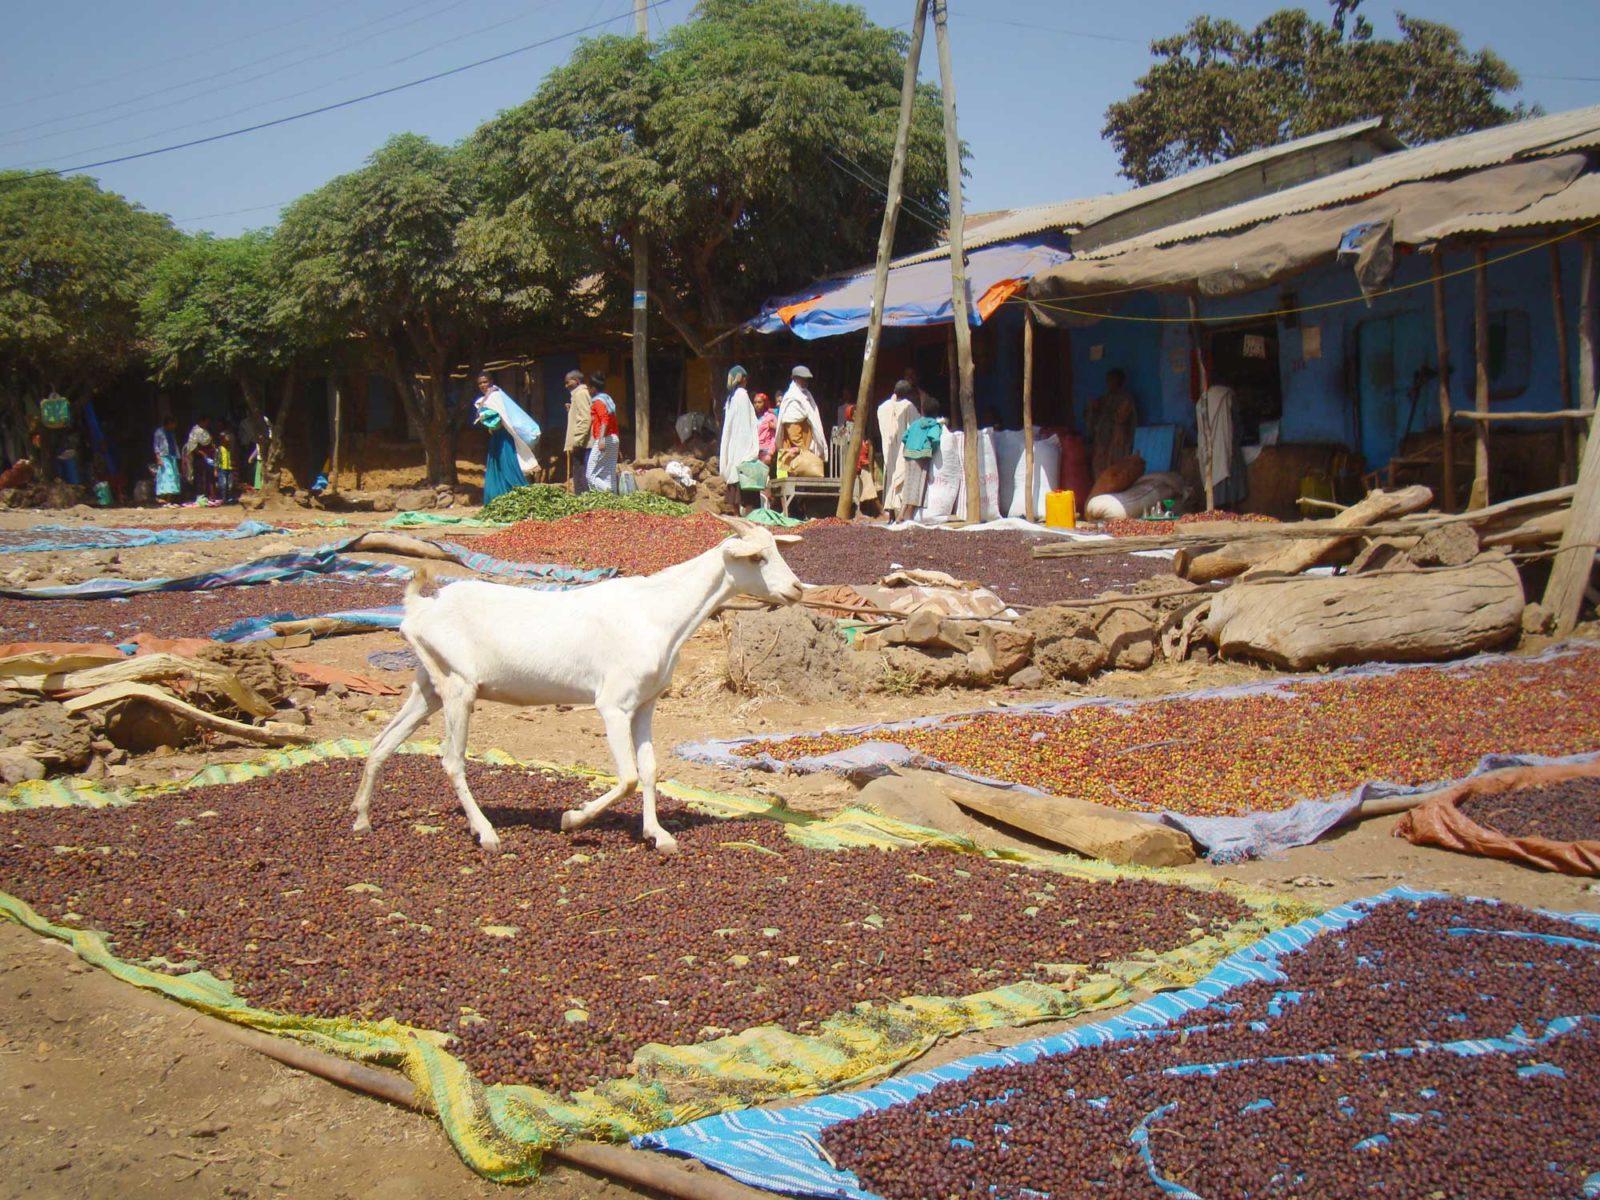 Eine Ziege läuft über Kaffeekirschen, welche zum Trocknen ausgelegt am Boden liegen.